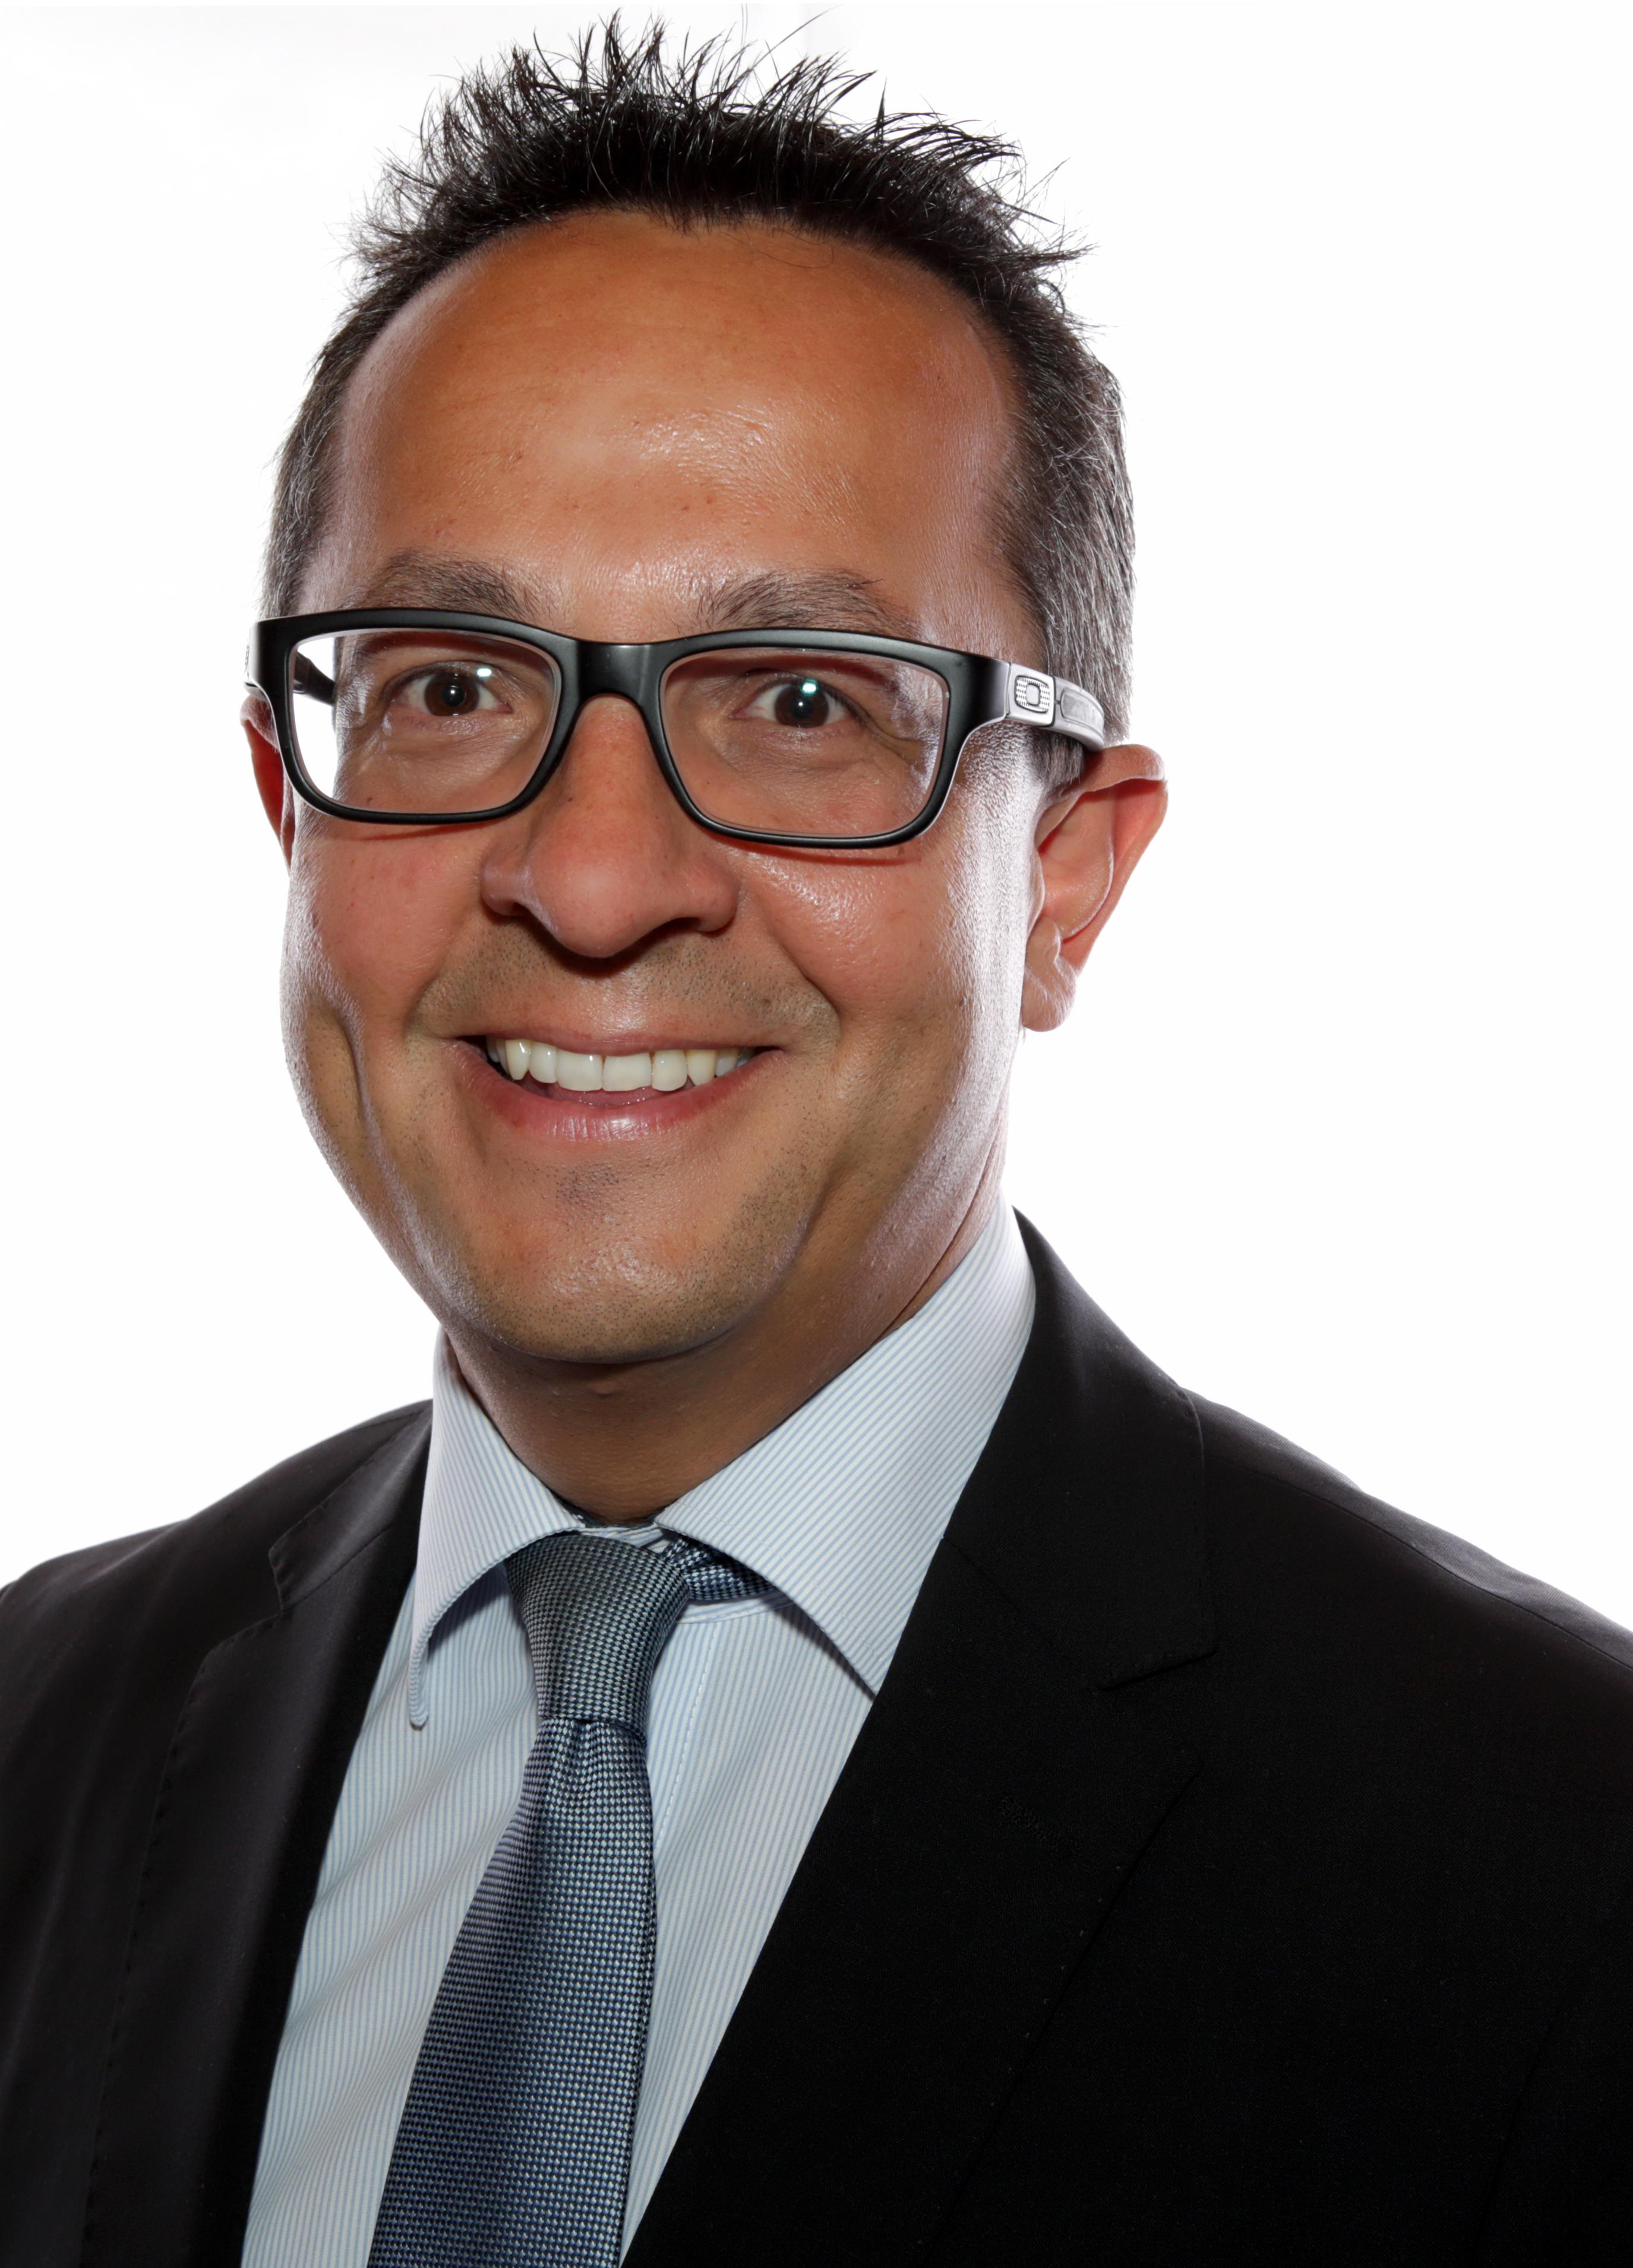 Michael Franken